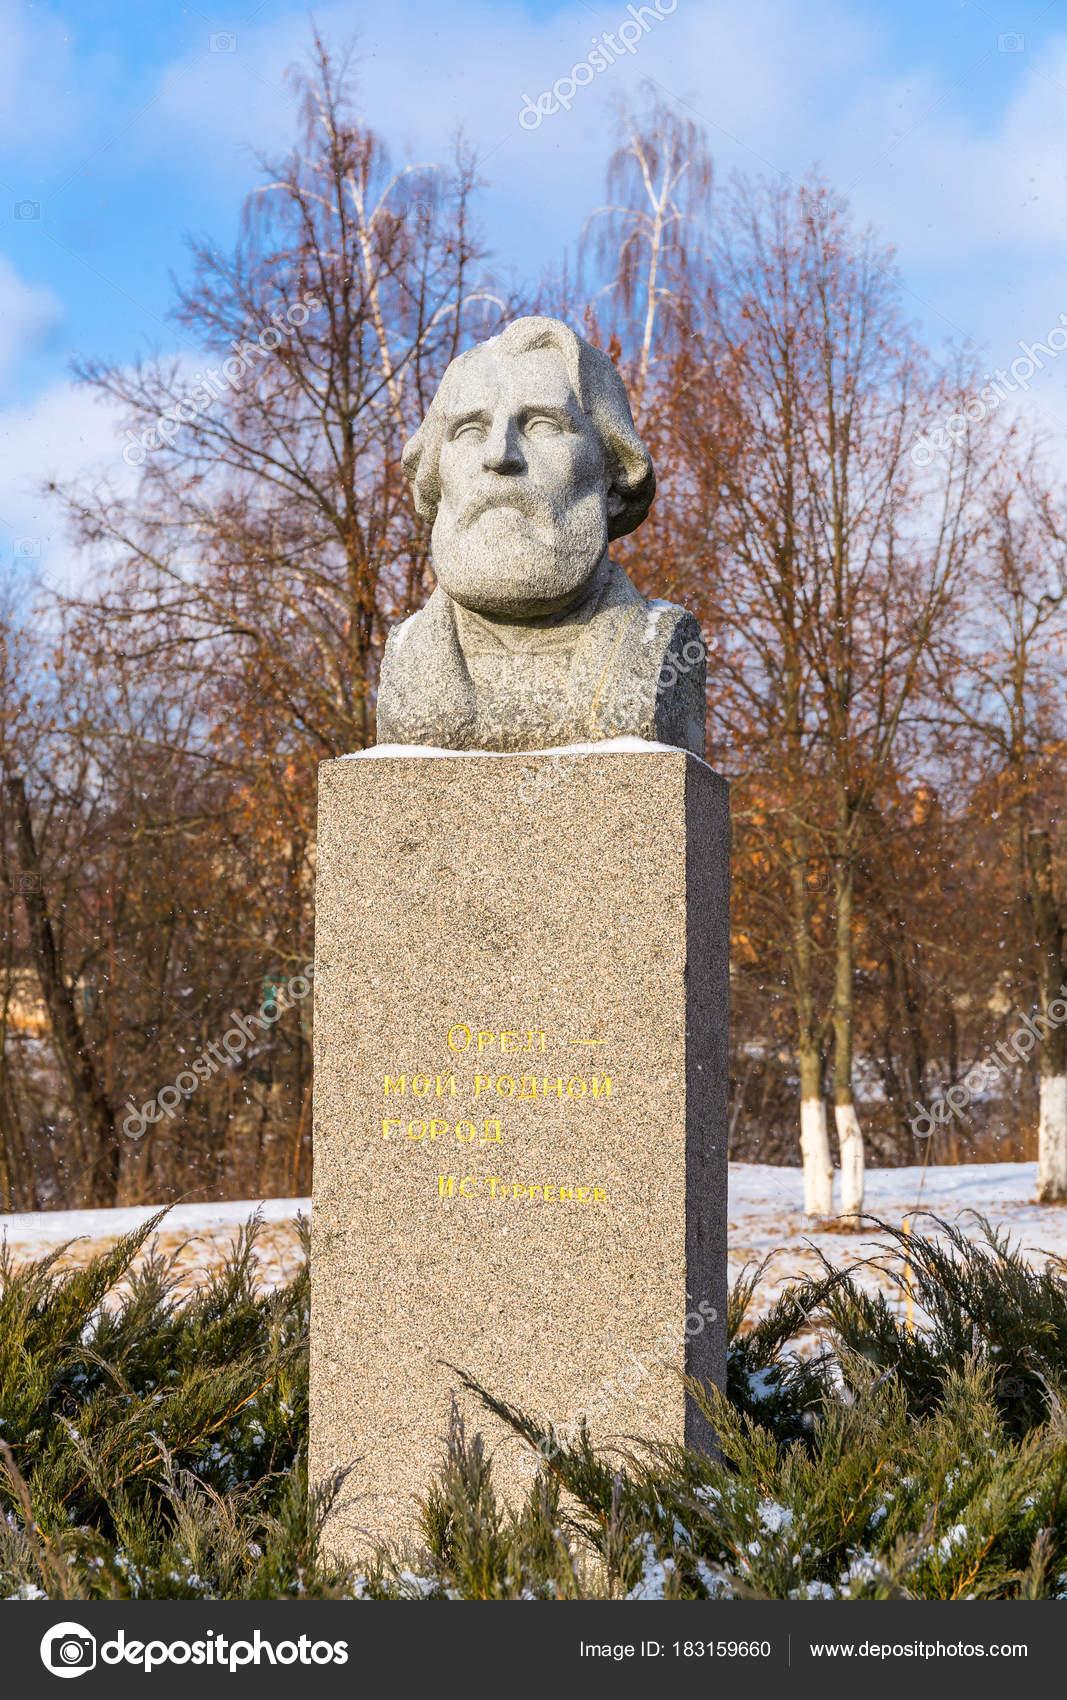 Цены на памятники в спб с января 2018 купить памятники оптом сахалин